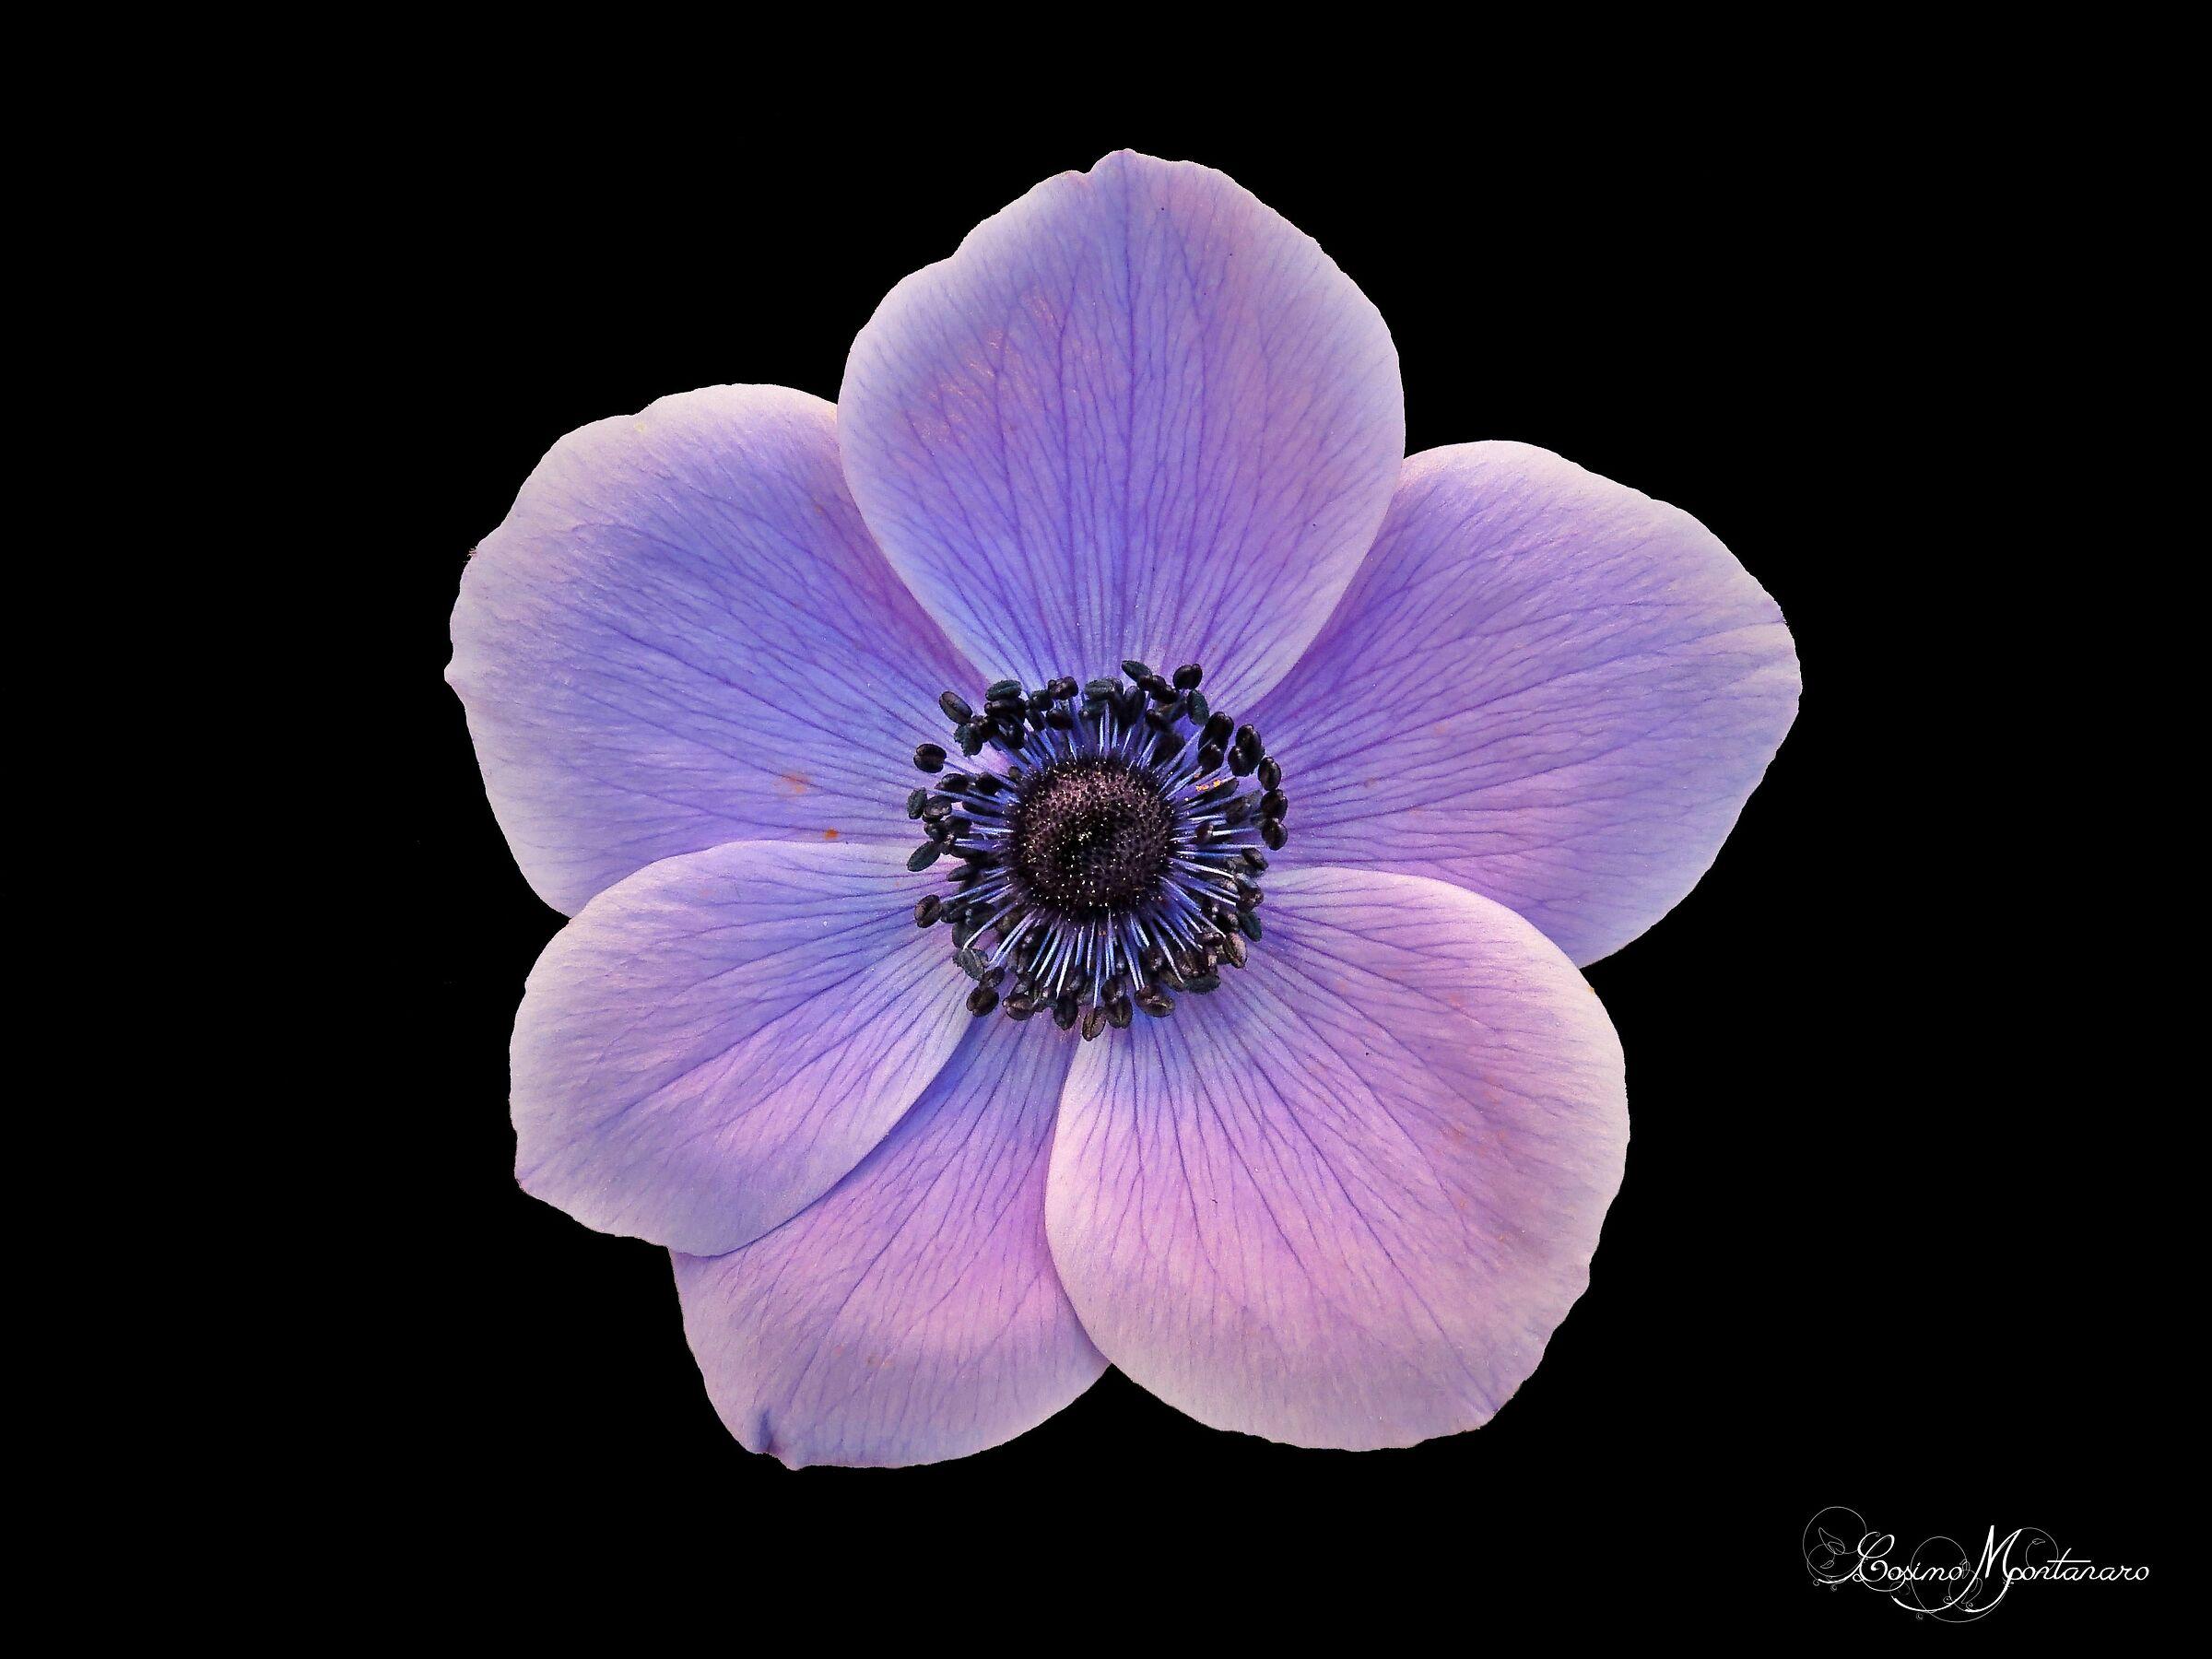 Coronary anemone ...